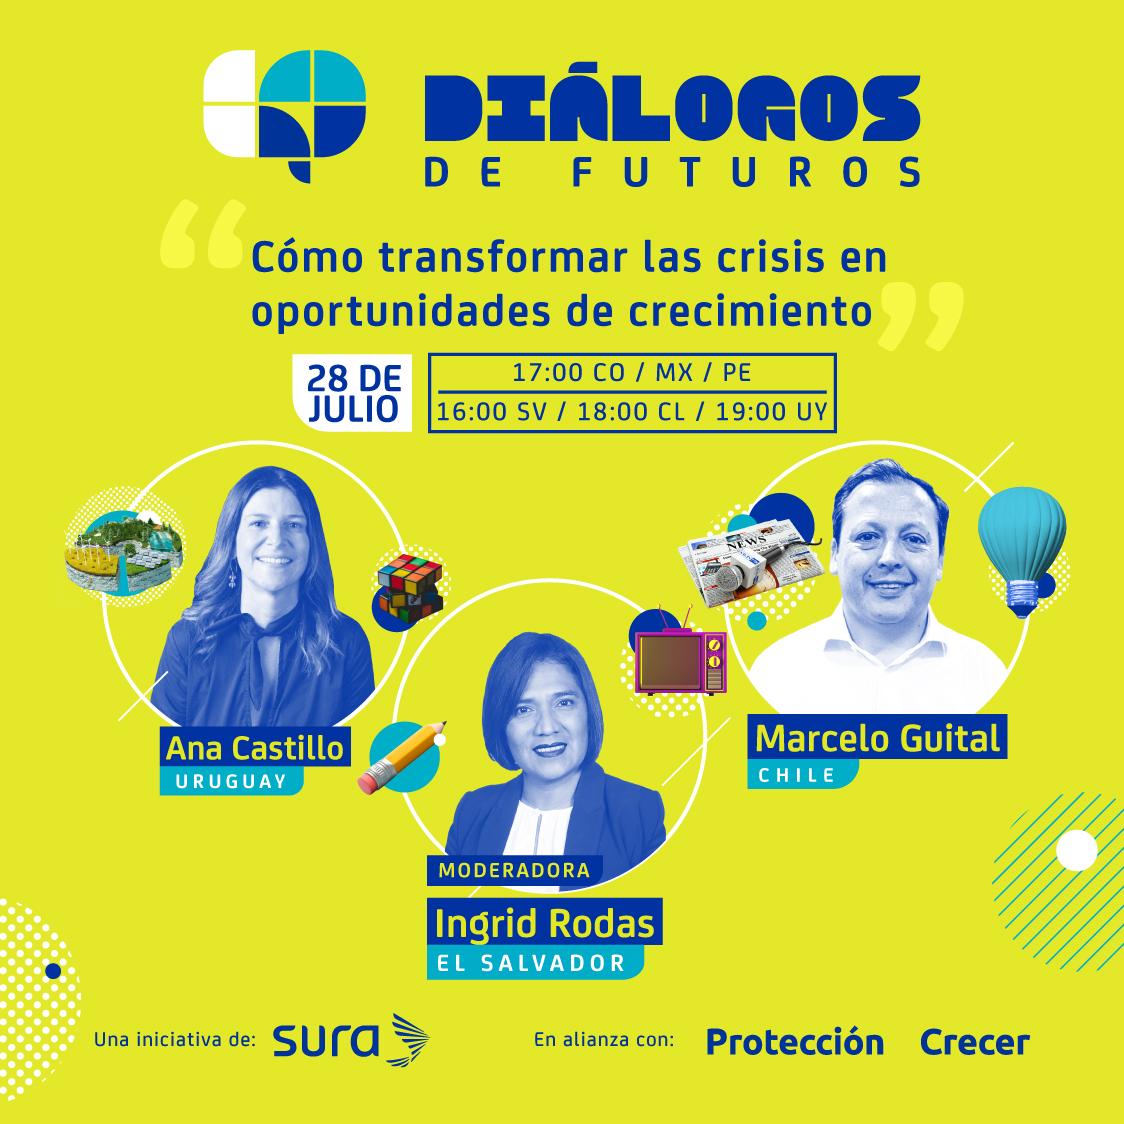 Diálogos de futuros: ¿Cómo transformar las crisis en oportunidades de crecimiento?